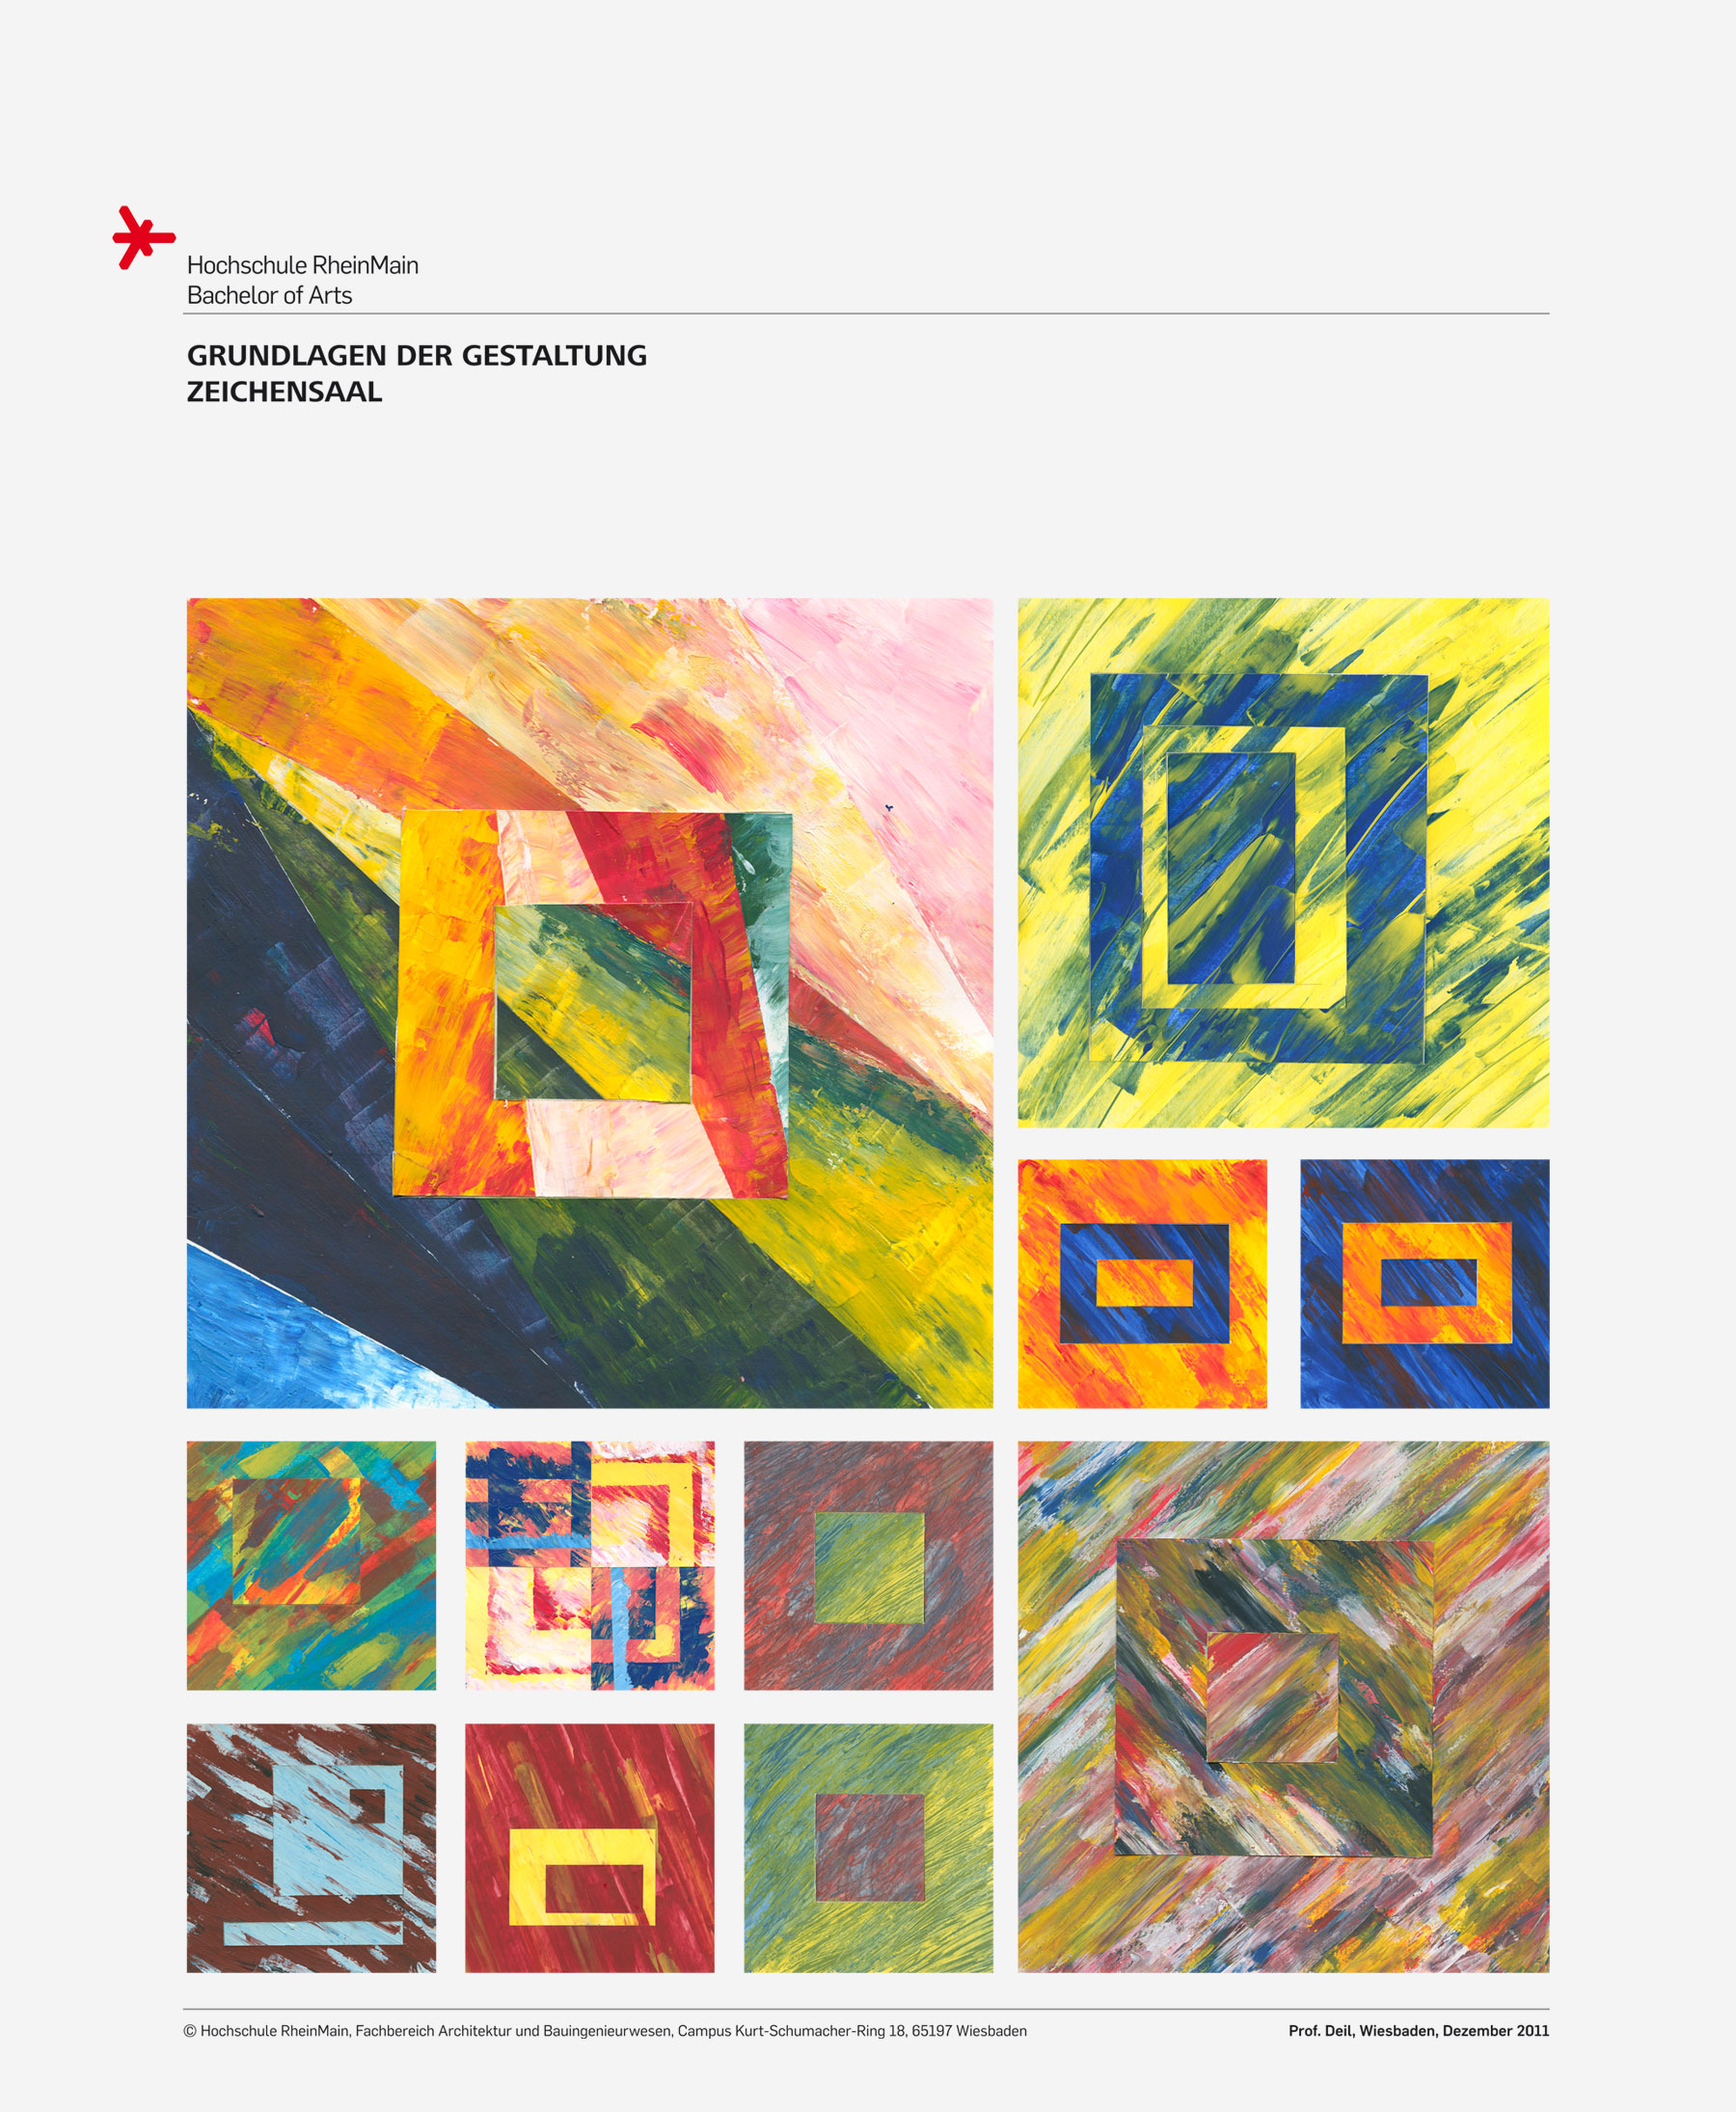 plakat-grundlagen-der-gestaltung-rudolf-deil-hsrm-11